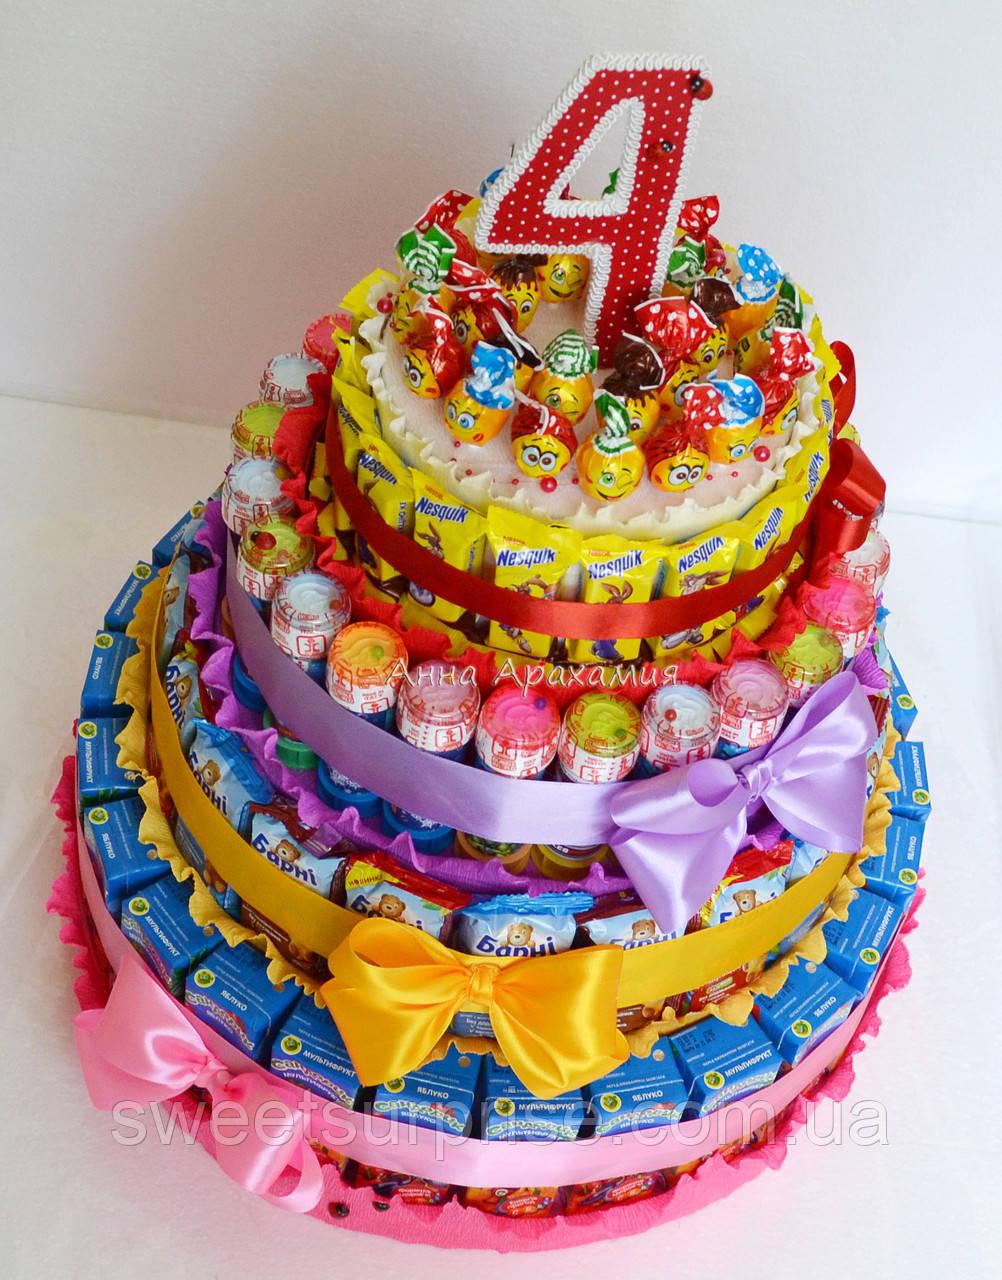 """Торт дитячий садок із соку і цукерок """"Барні"""" (для дівчинки)"""